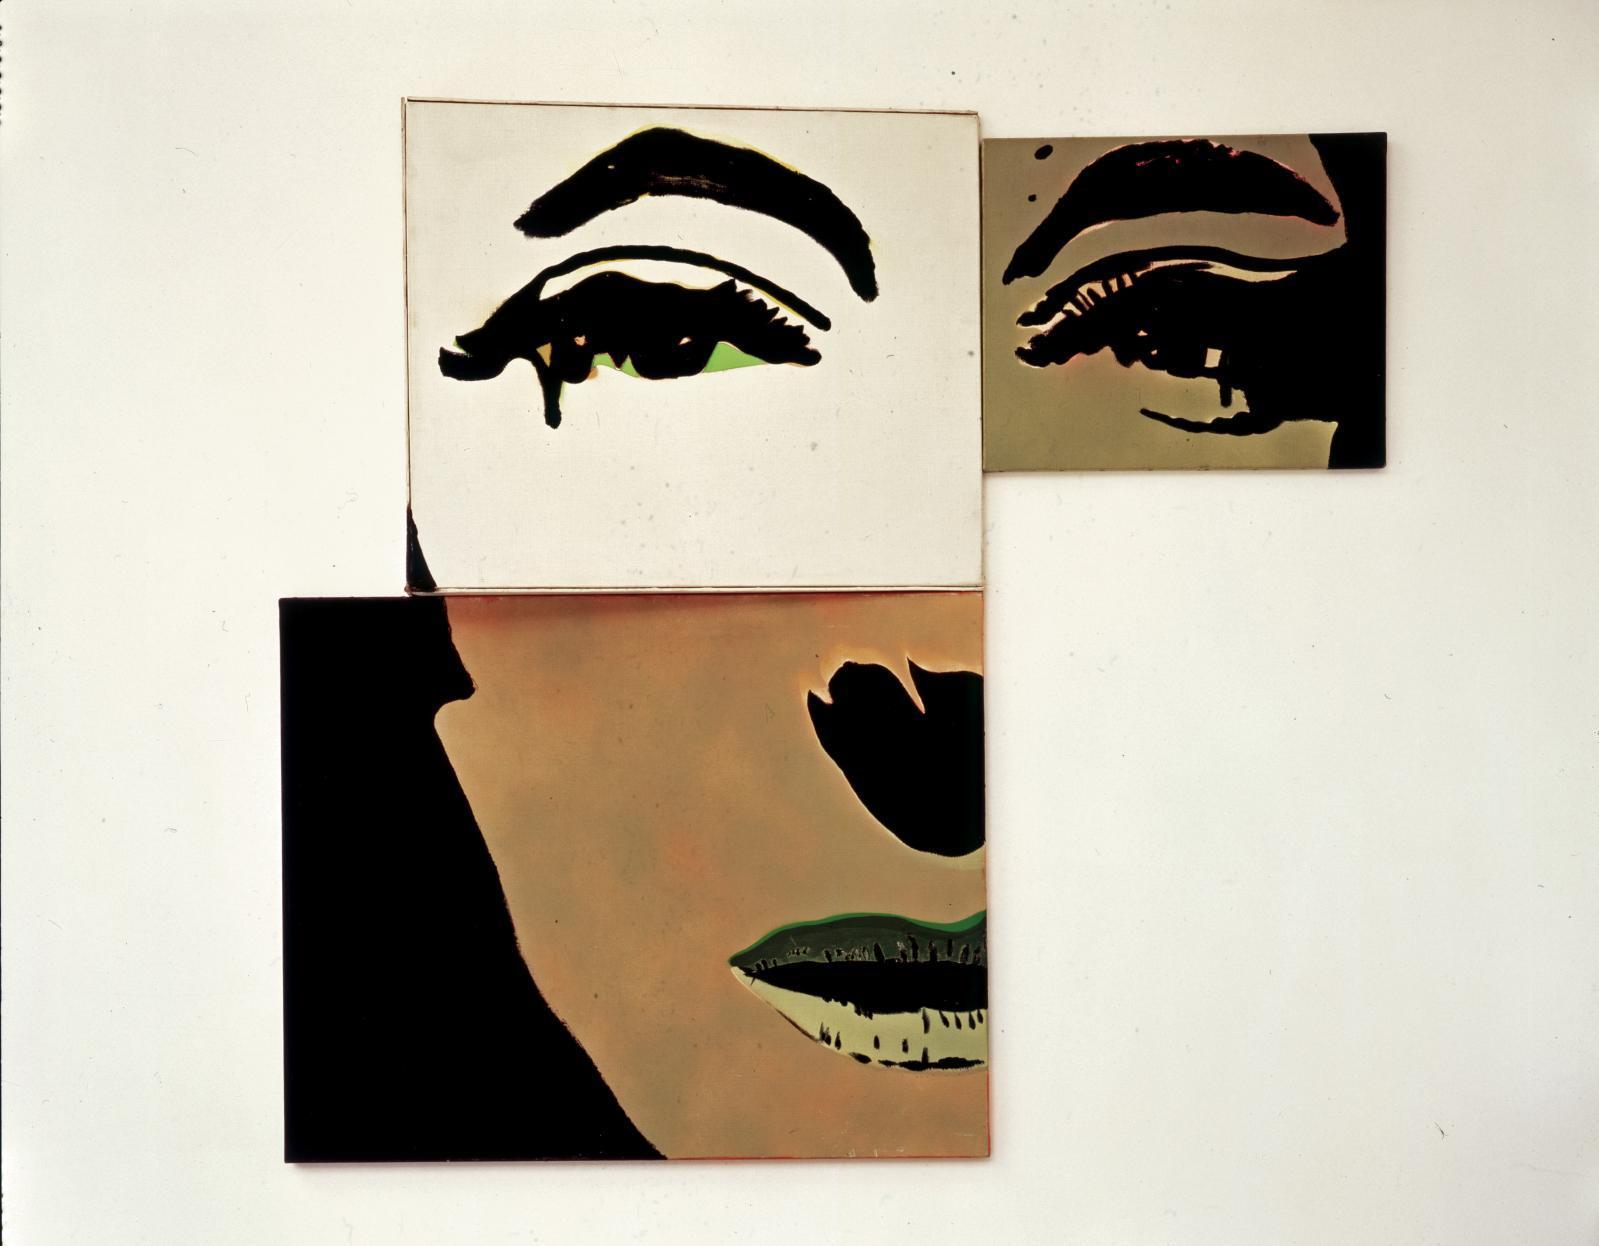 Martial Raysse (né en 1936), Portrait à géométrie variable deuxième possibilité, 1966. COURTESY COLLECTION MARIN KARMITZ, PARIS